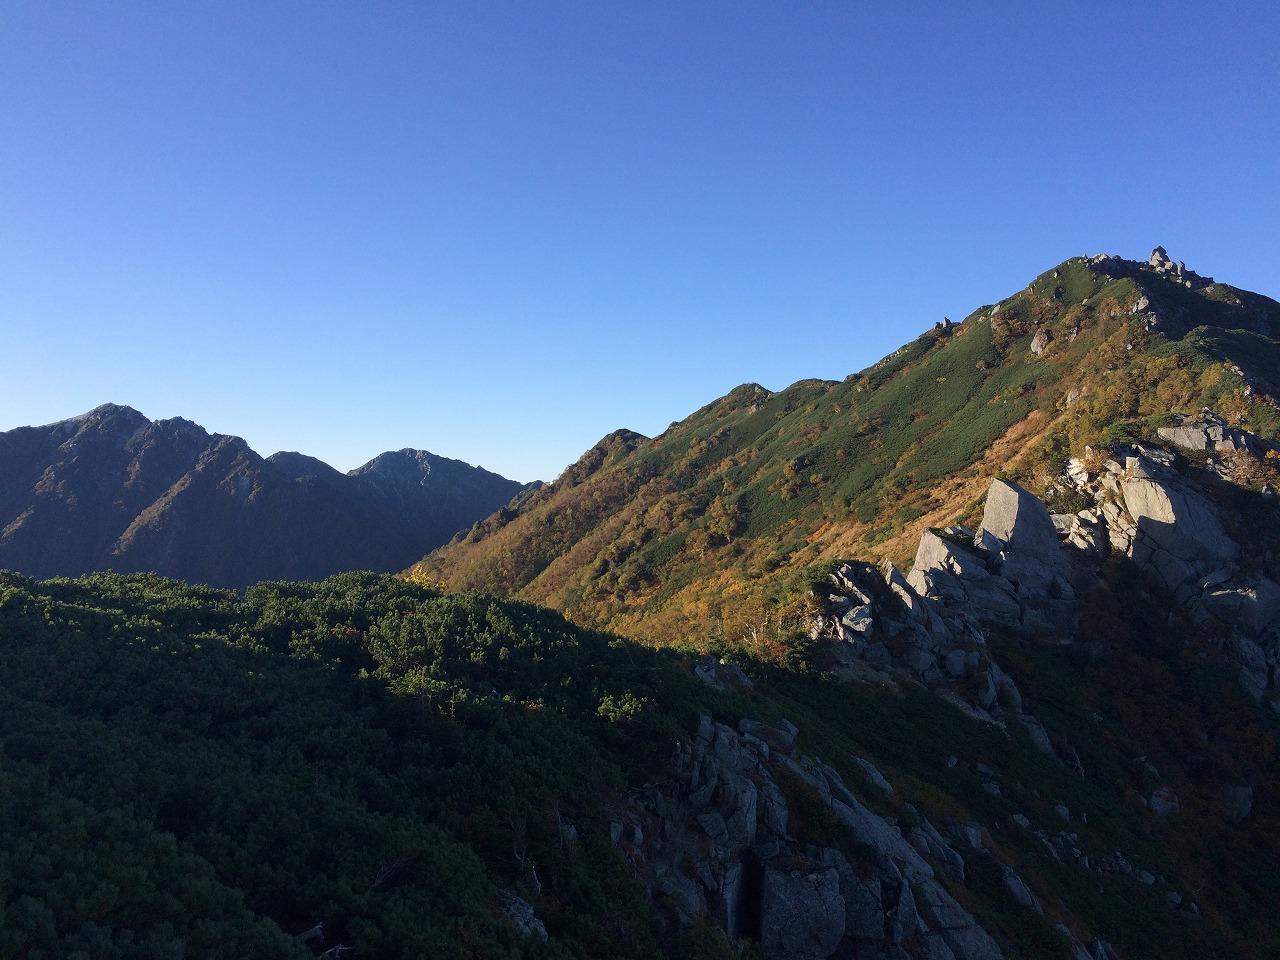 熊沢岳へのアプローチ。